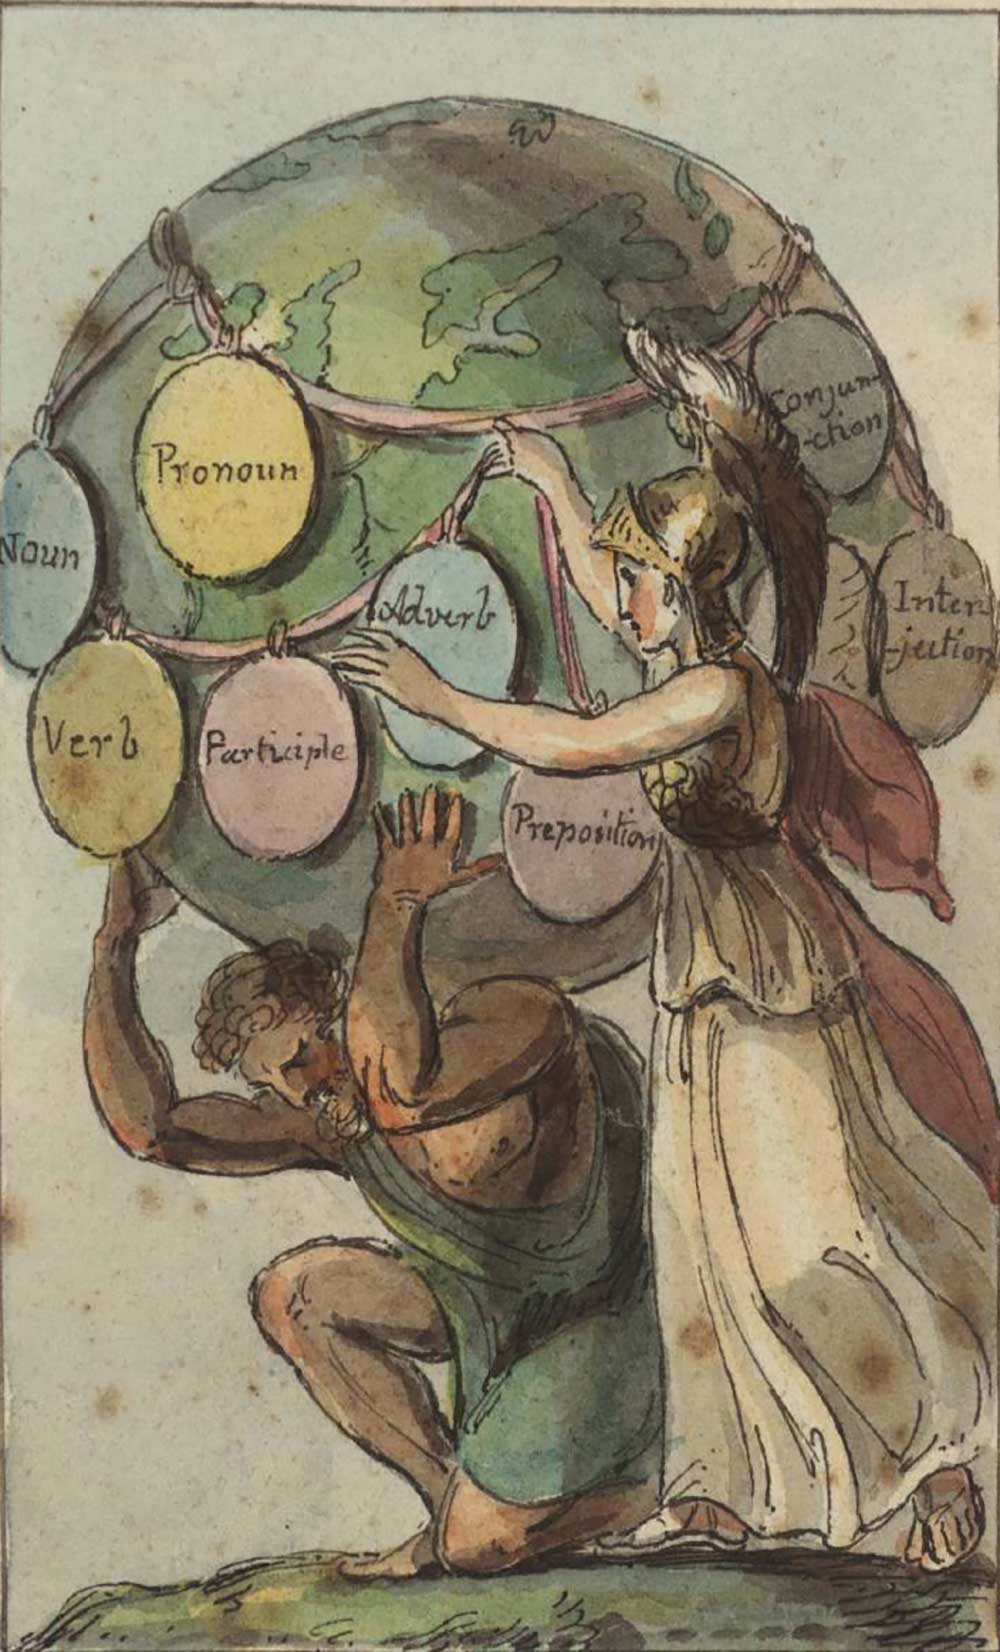 Minerva Preserving to the World the Latin Grammar, British School, eighteenth century.